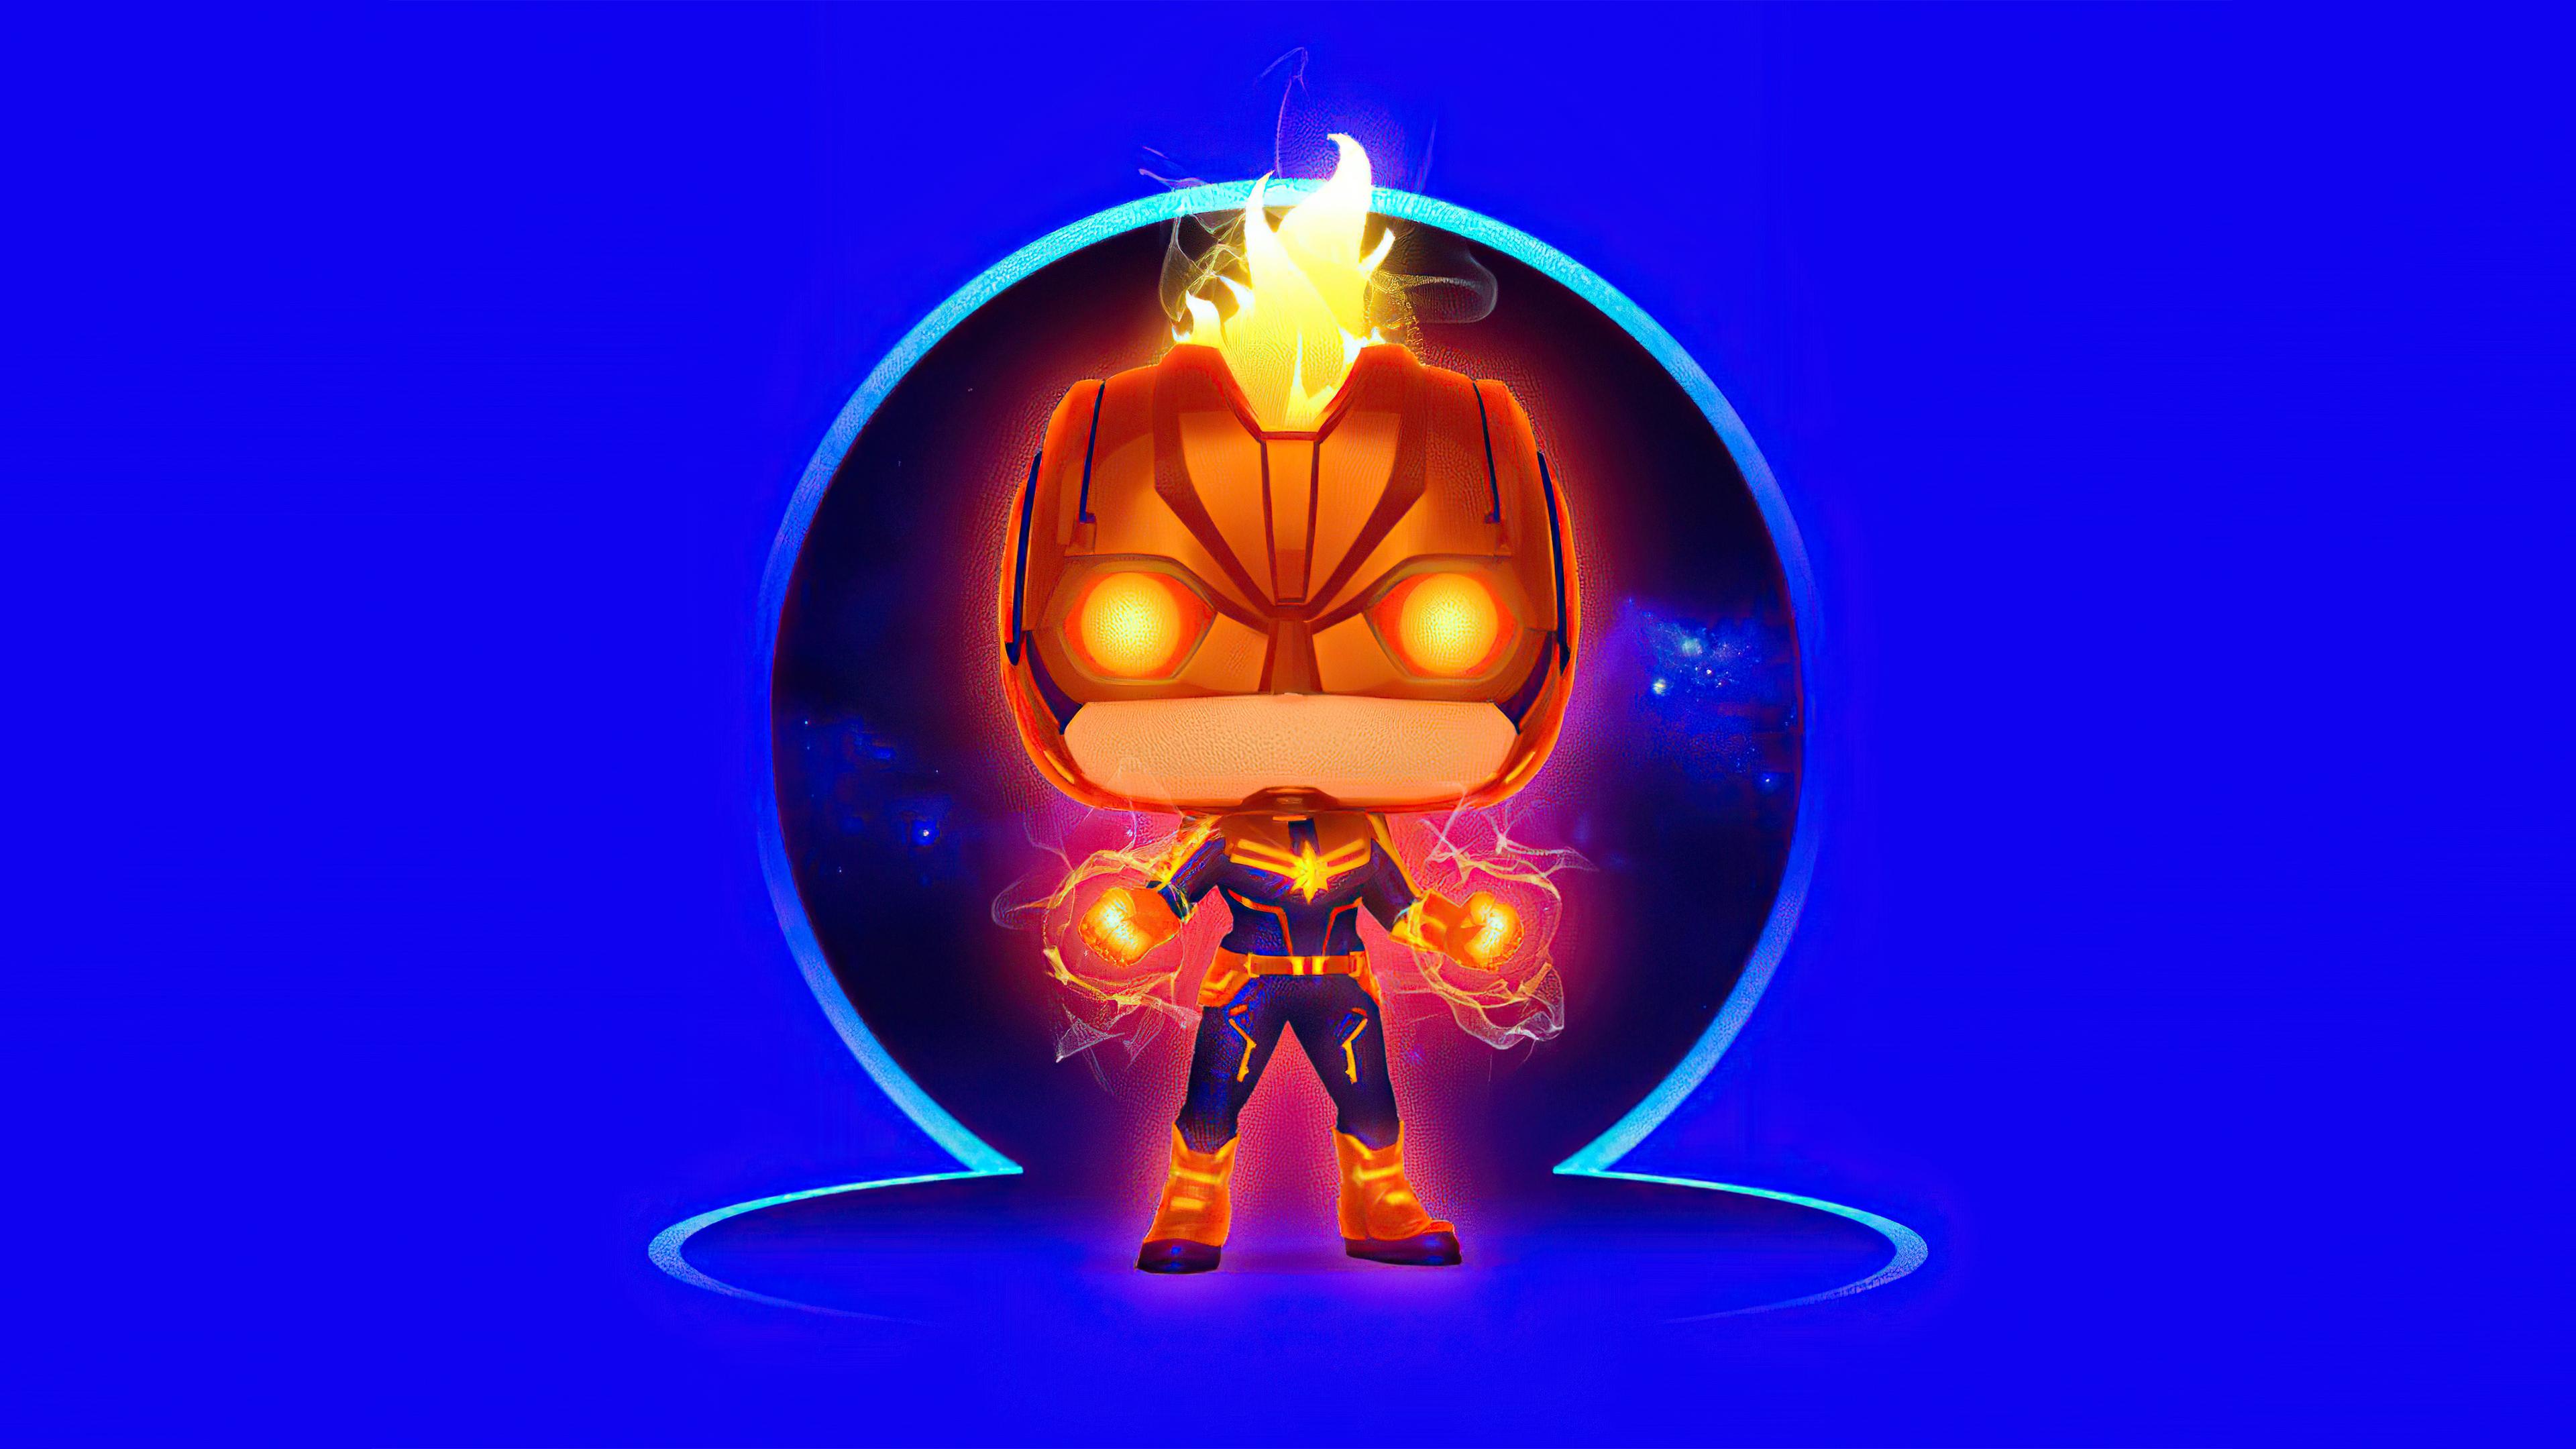 Fondos de pantalla Capitana Marvel Arte Digital